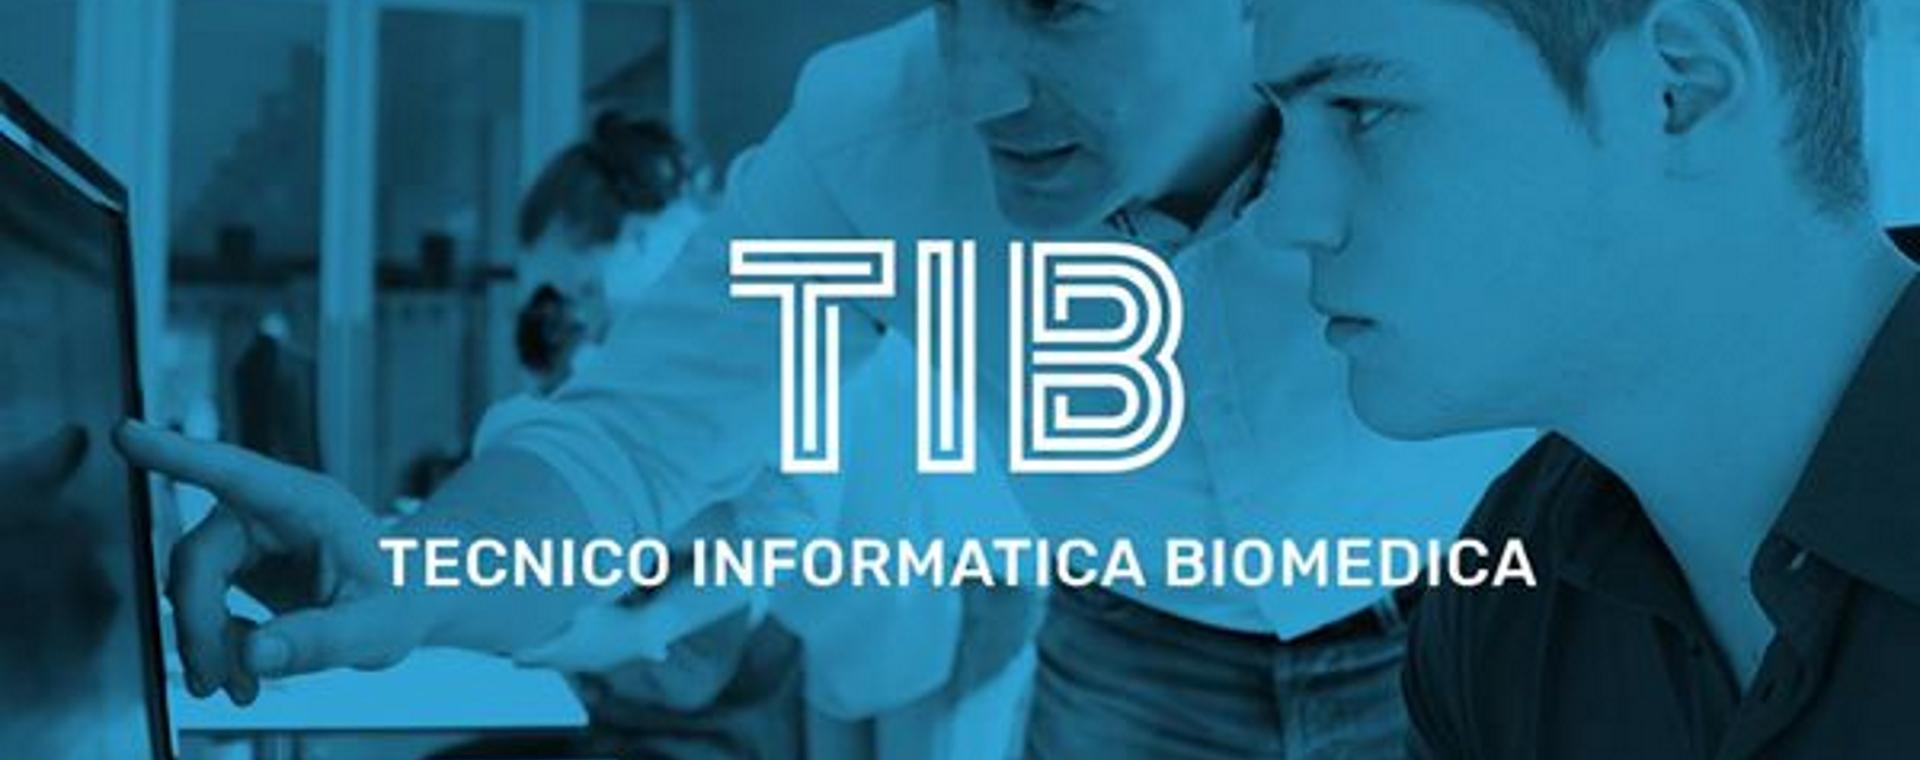 Ultimi giorni per iscriversi al percorso TIB – Tecnico Informatica Biomedica della Fondazione ITS A. Volta